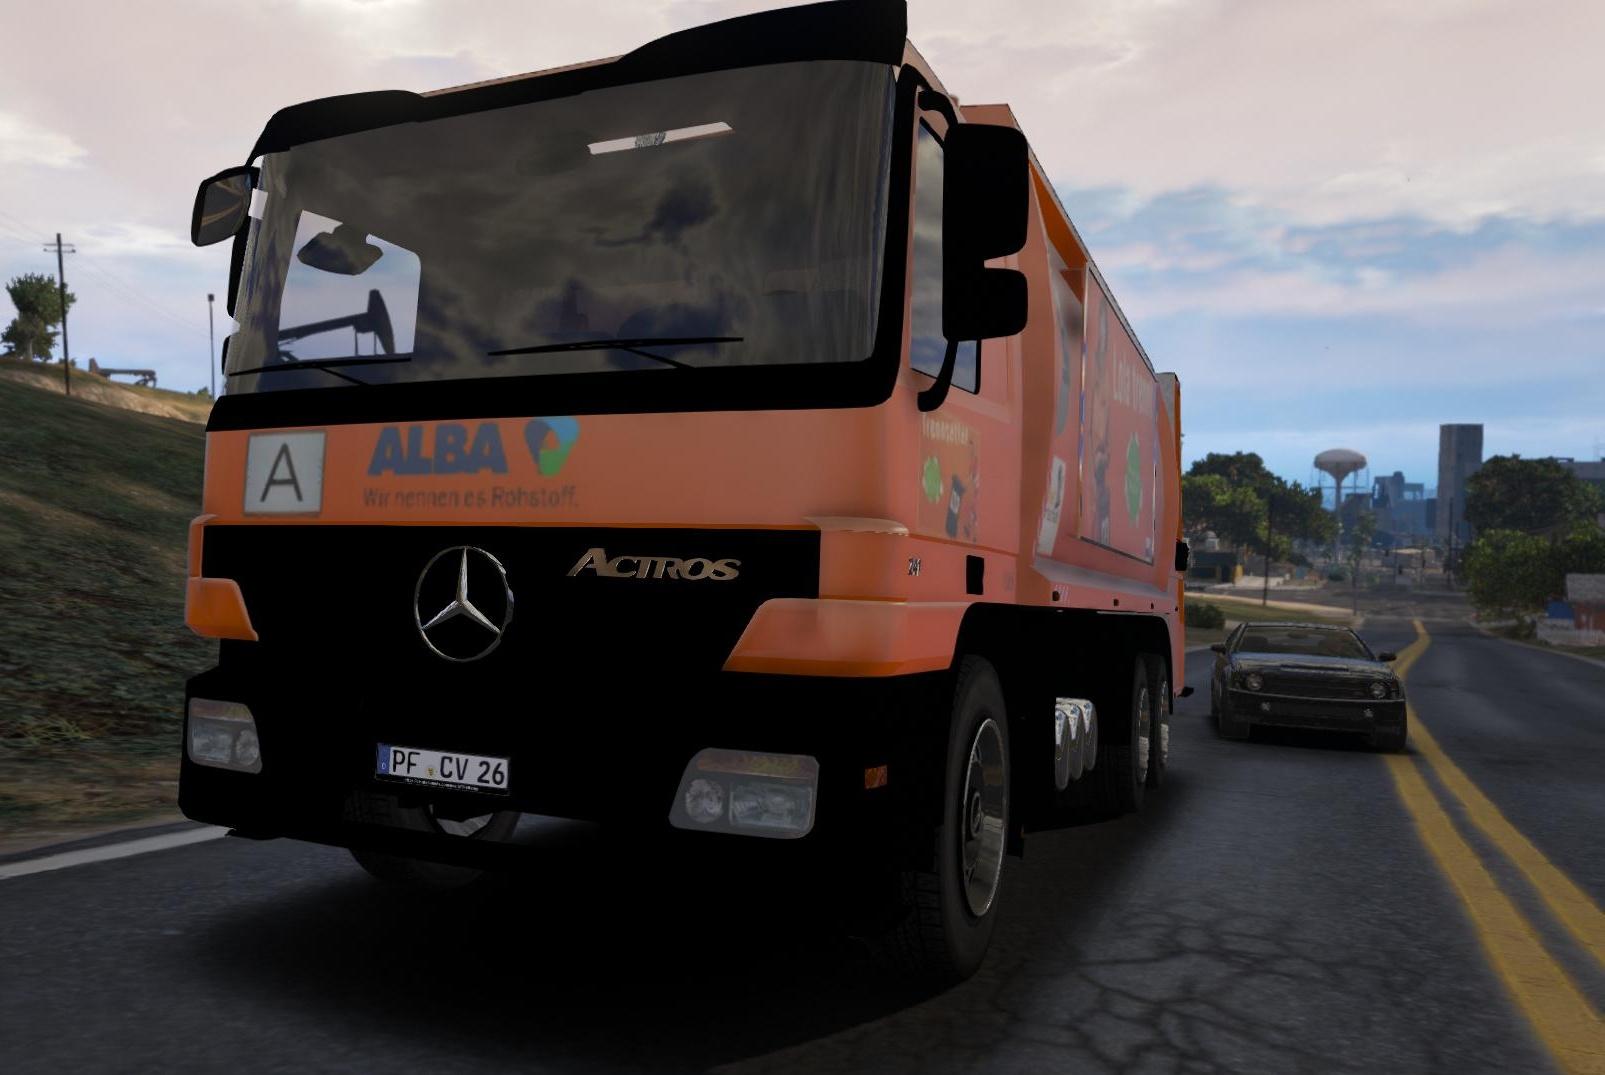 Alba Müllabfuhr